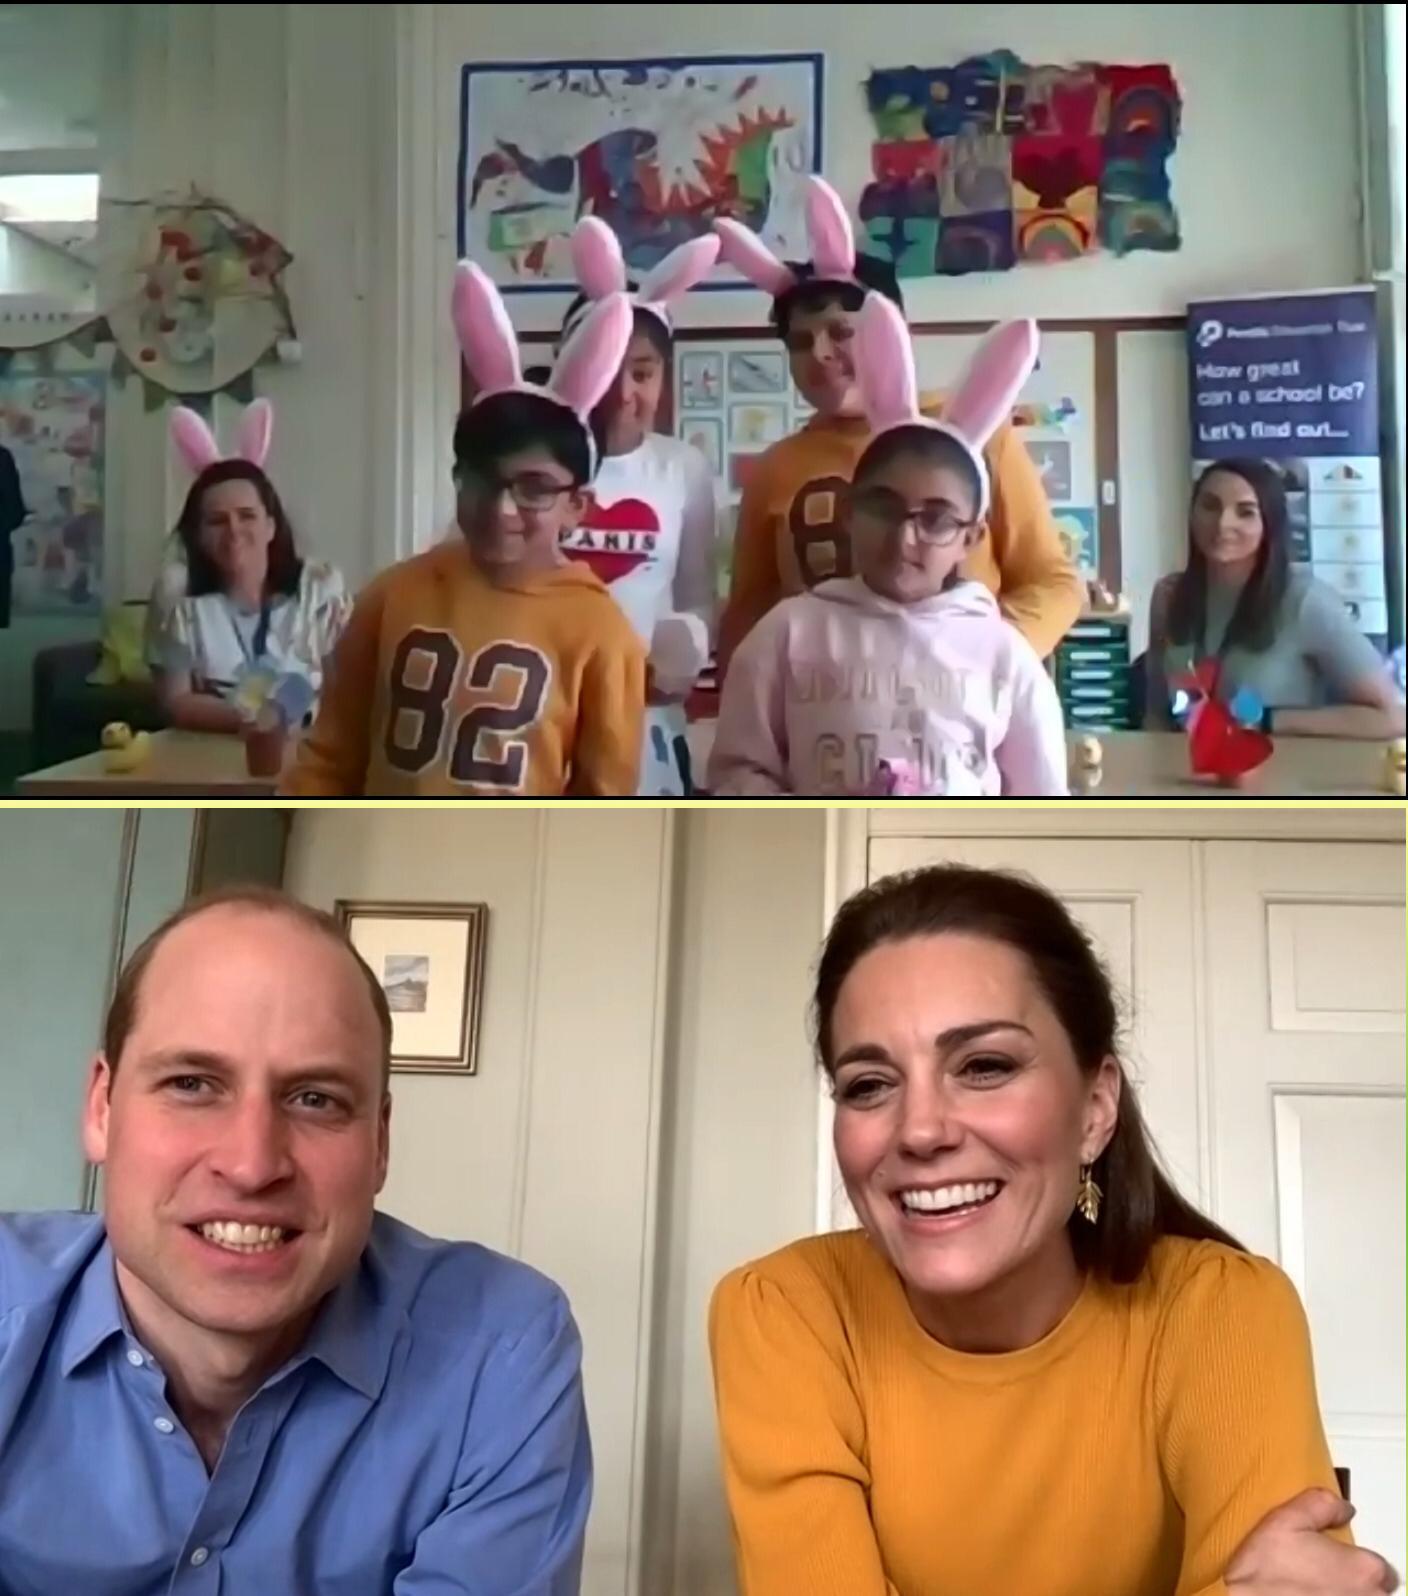 Κέιτ Μίντλτον και πρίγκιπας Ουίλιαμ σε τηλεδιάσκεψη με σχολεία στη Βρετανία όπου εξακολουθούν να πηγαίνουν παιδάκια γονέων που εργάζονται στο σύστημα υγείας